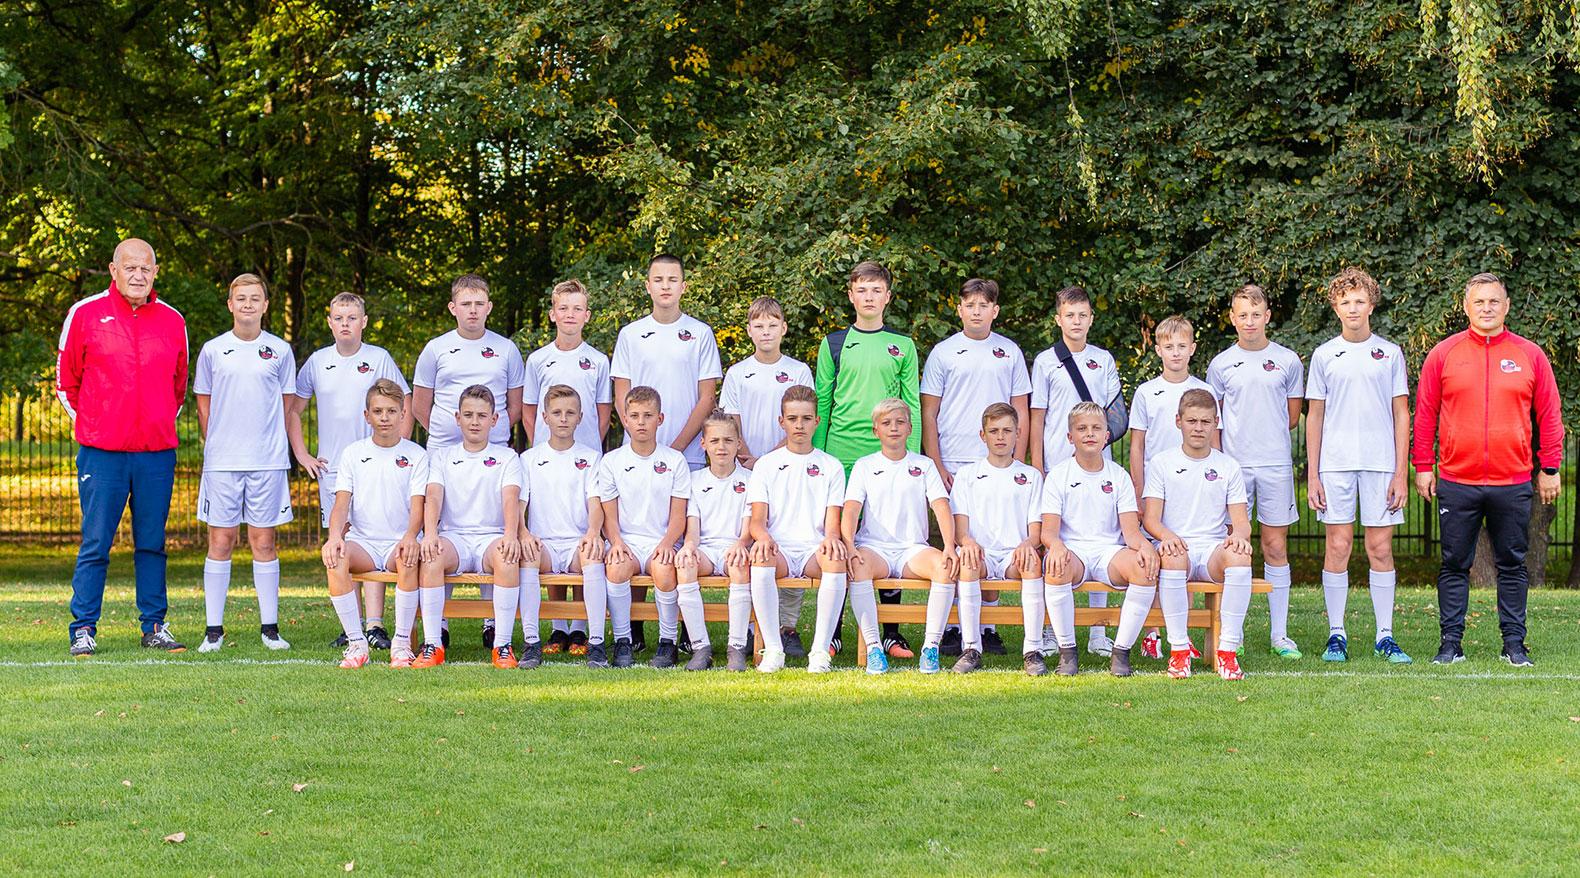 U14 berniukų futbolo komanda